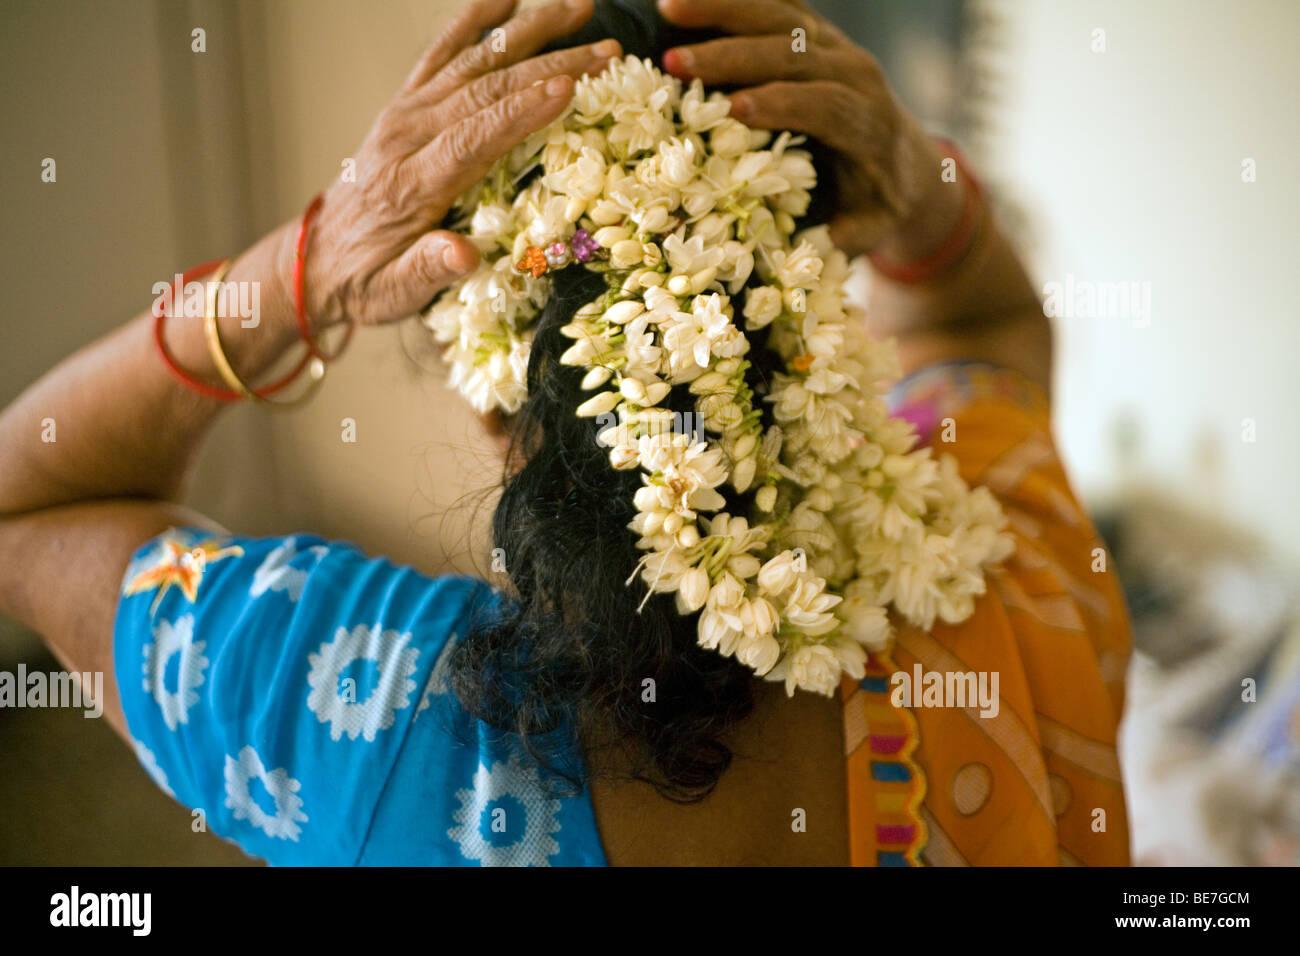 Una anciana organiza flores en su cabello en su dormitorio, Janakpuri, Nueva Delhi, India Imagen De Stock